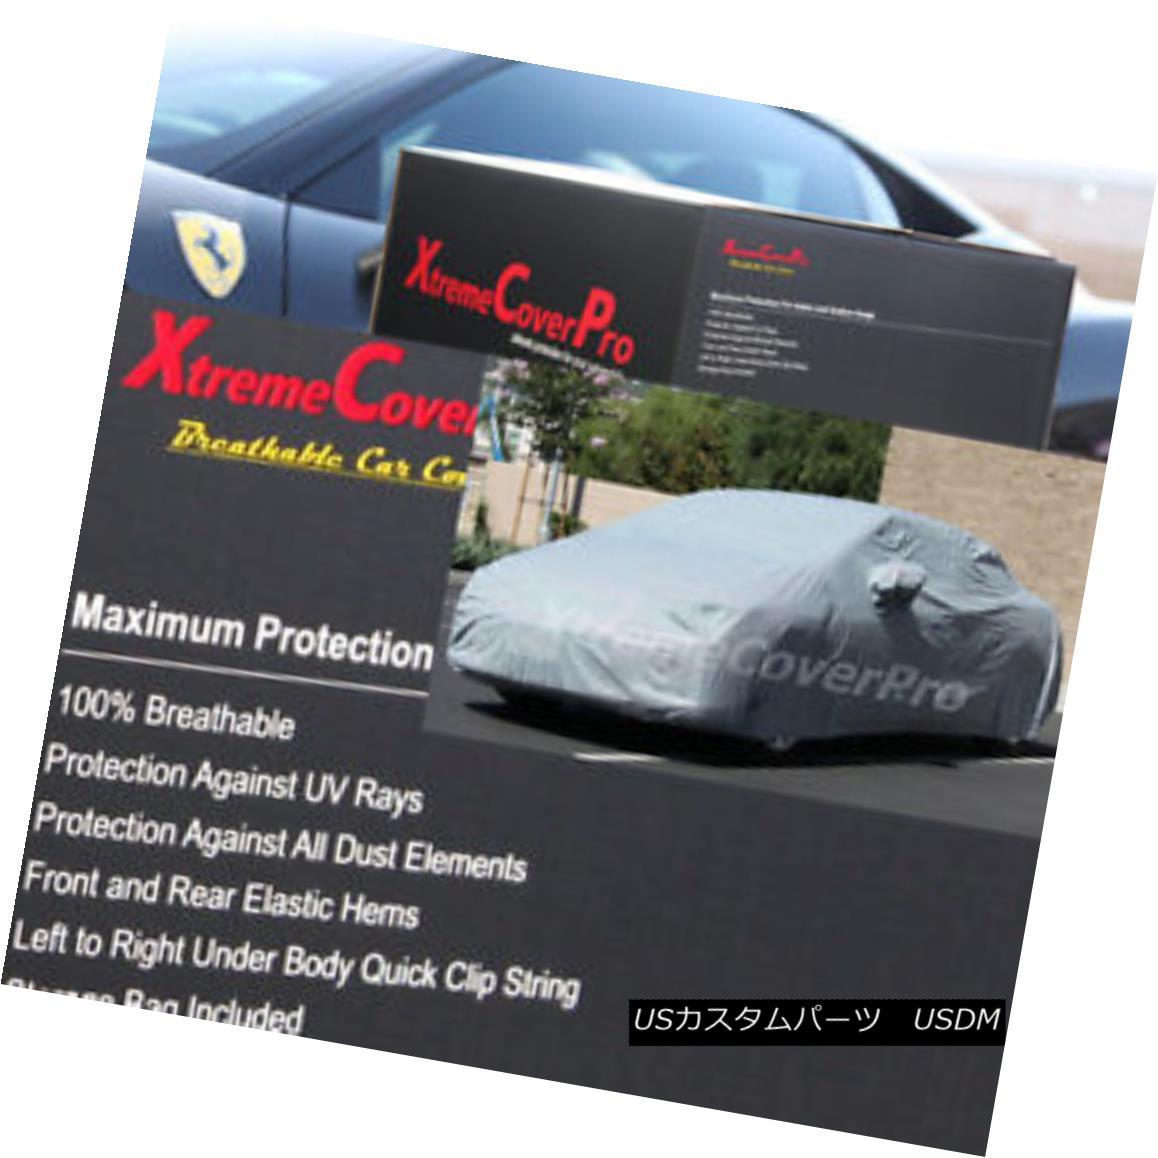 カーカバー 1988 1989 Pontiac Grand Am Coupe/Sedan Breathable Car Cover w/MirrorPocket 1988年1989ポンティアック・グランド・アム・クーペ/セダン通気性車カバー/ミラーポケット